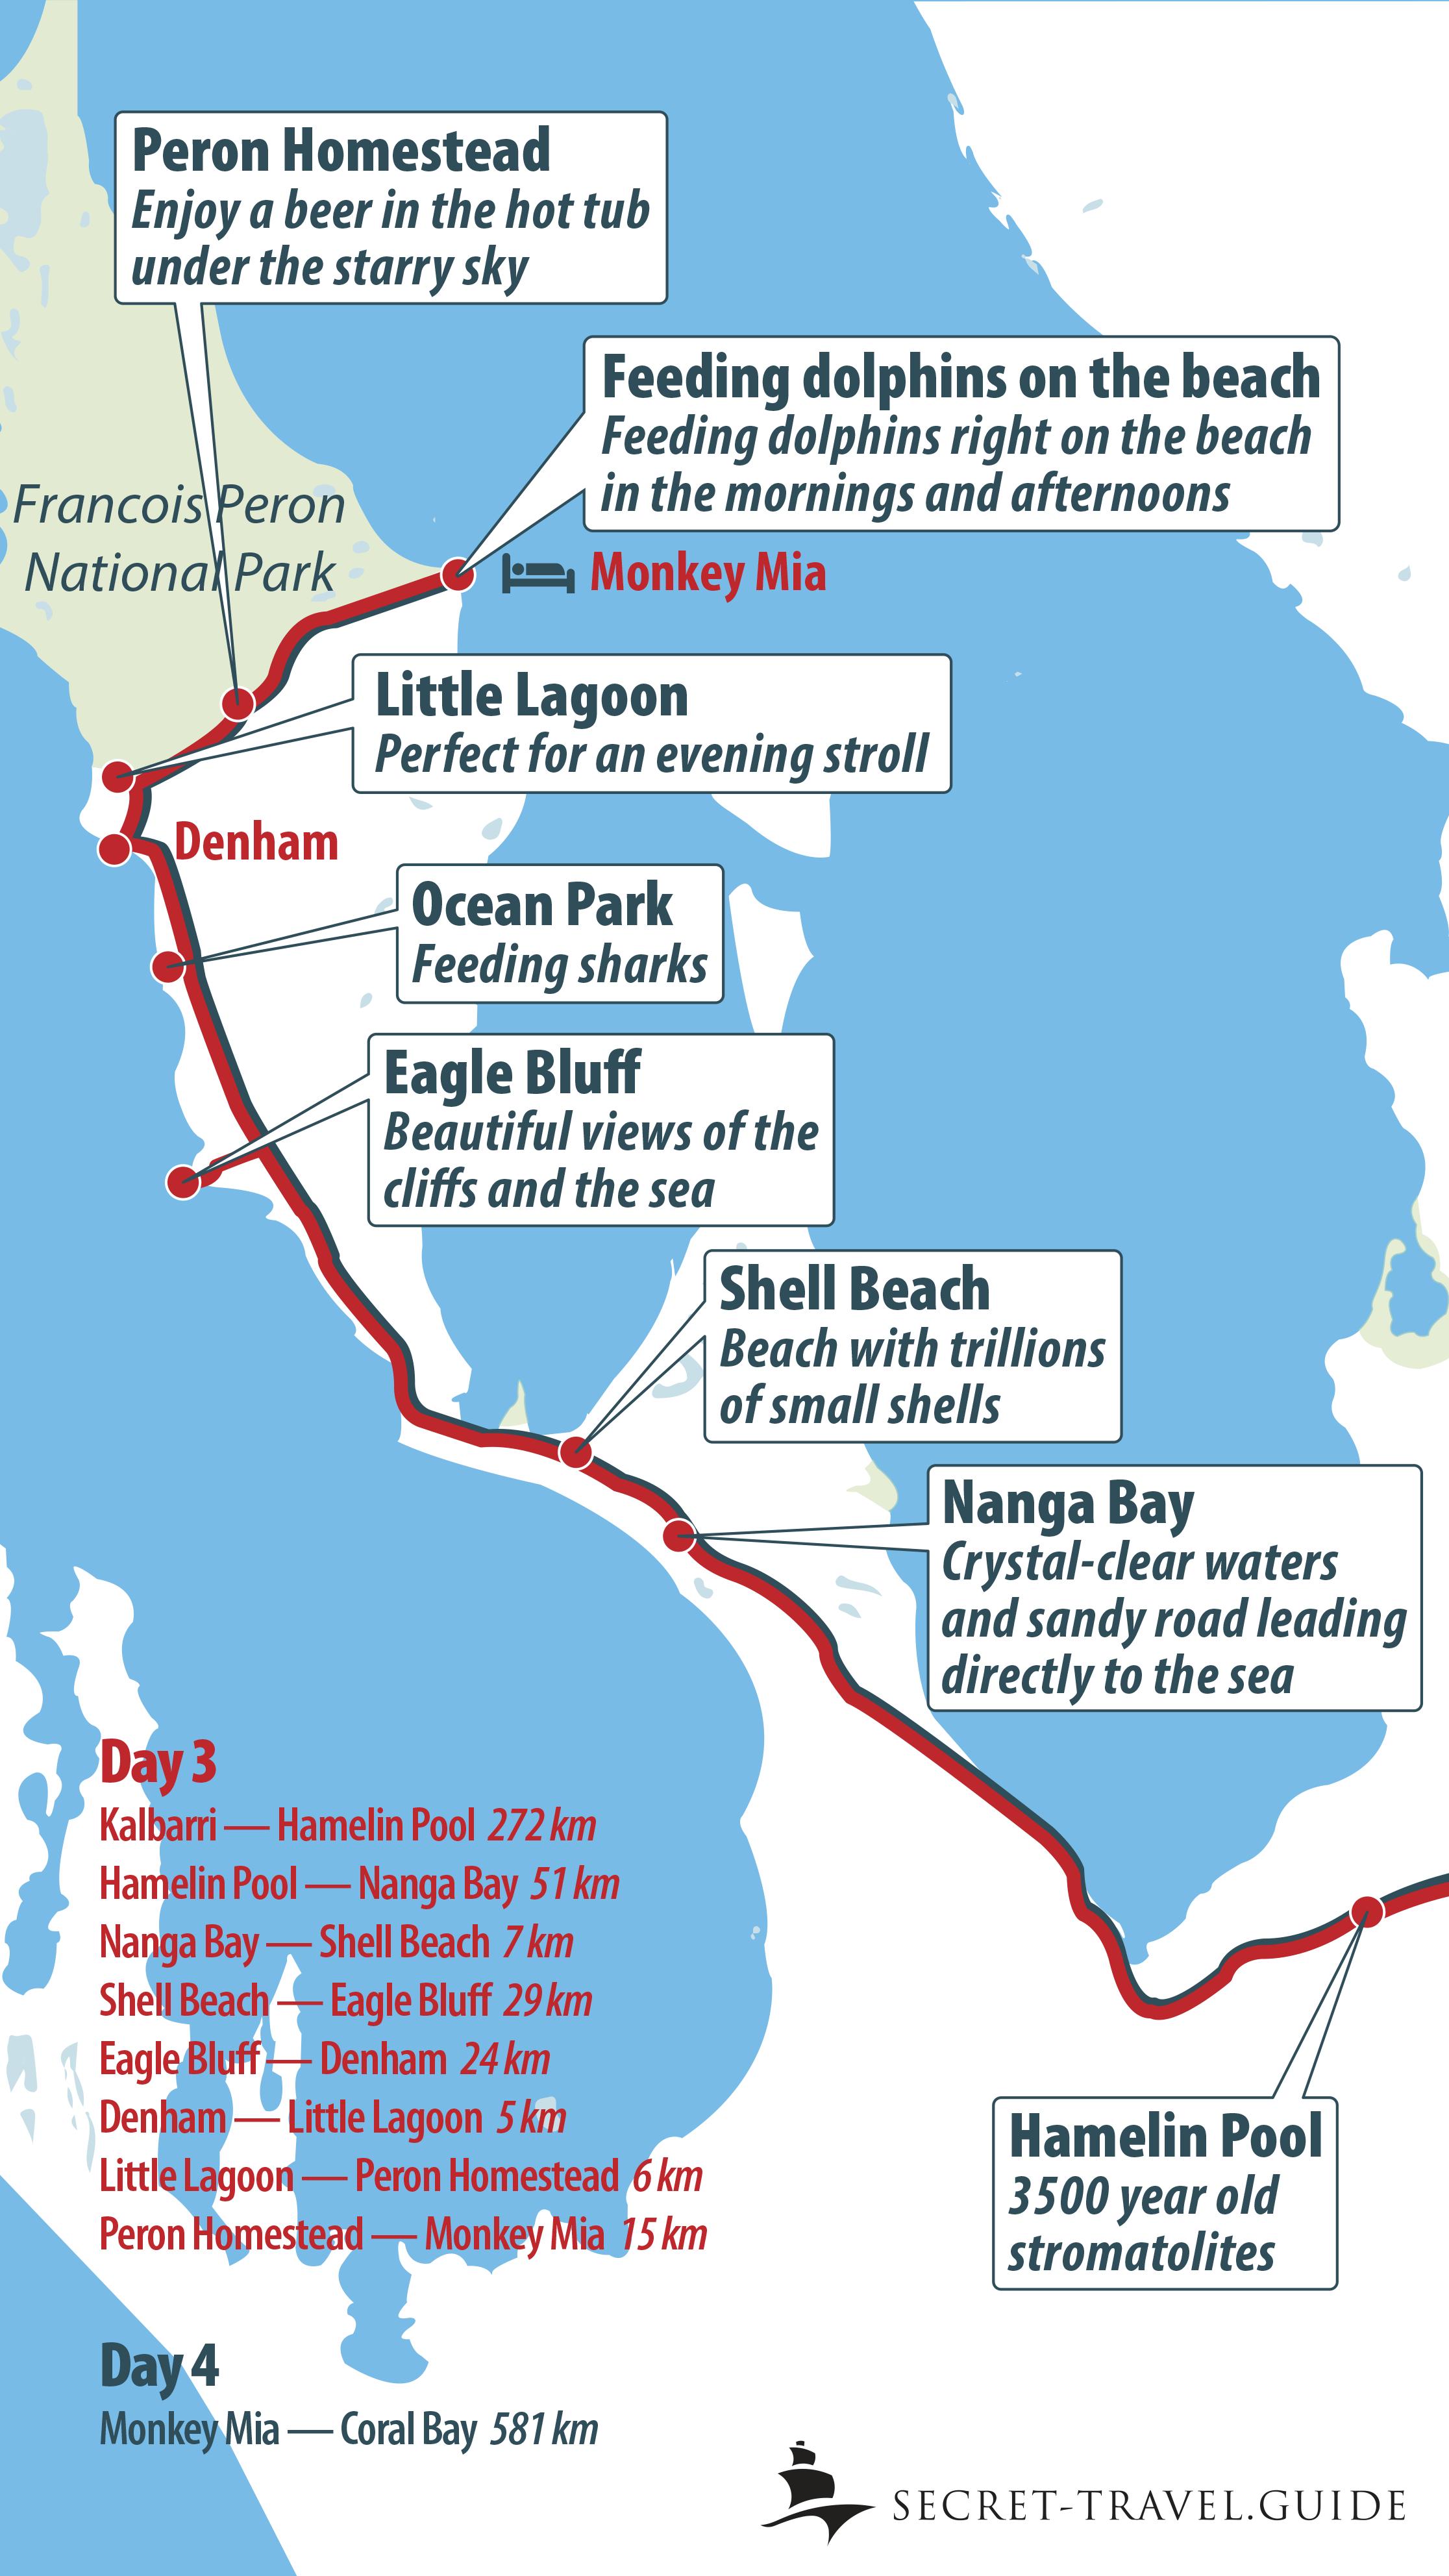 François Peron National Park